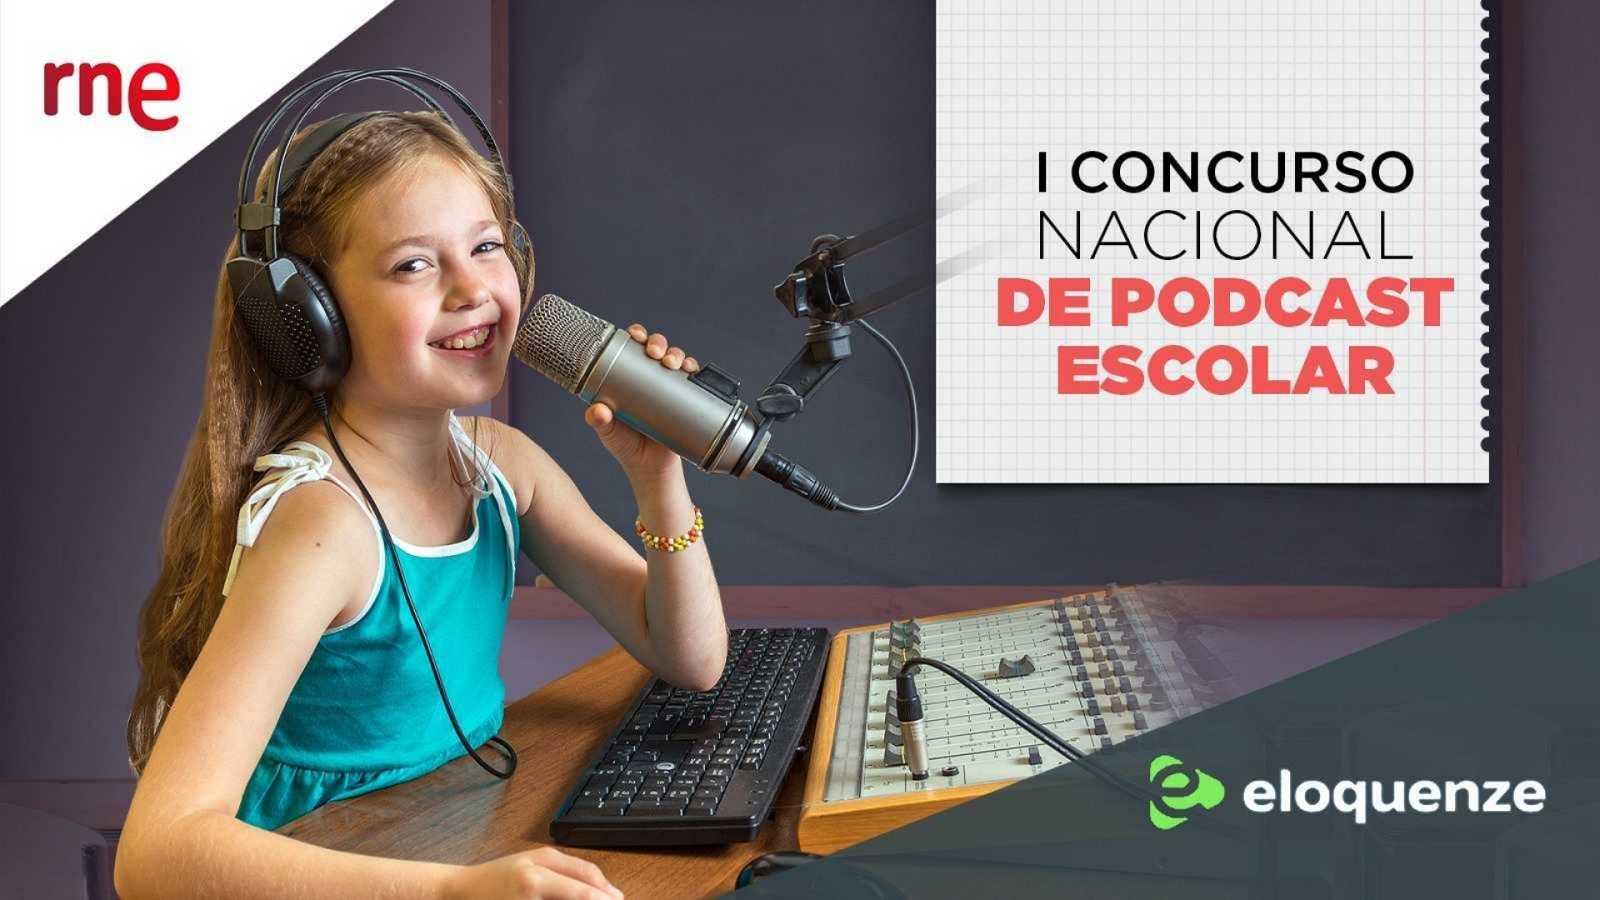 El I Concurso Nacional de Podcast Escolar, premio Ondas a la mejor idea radiofónica